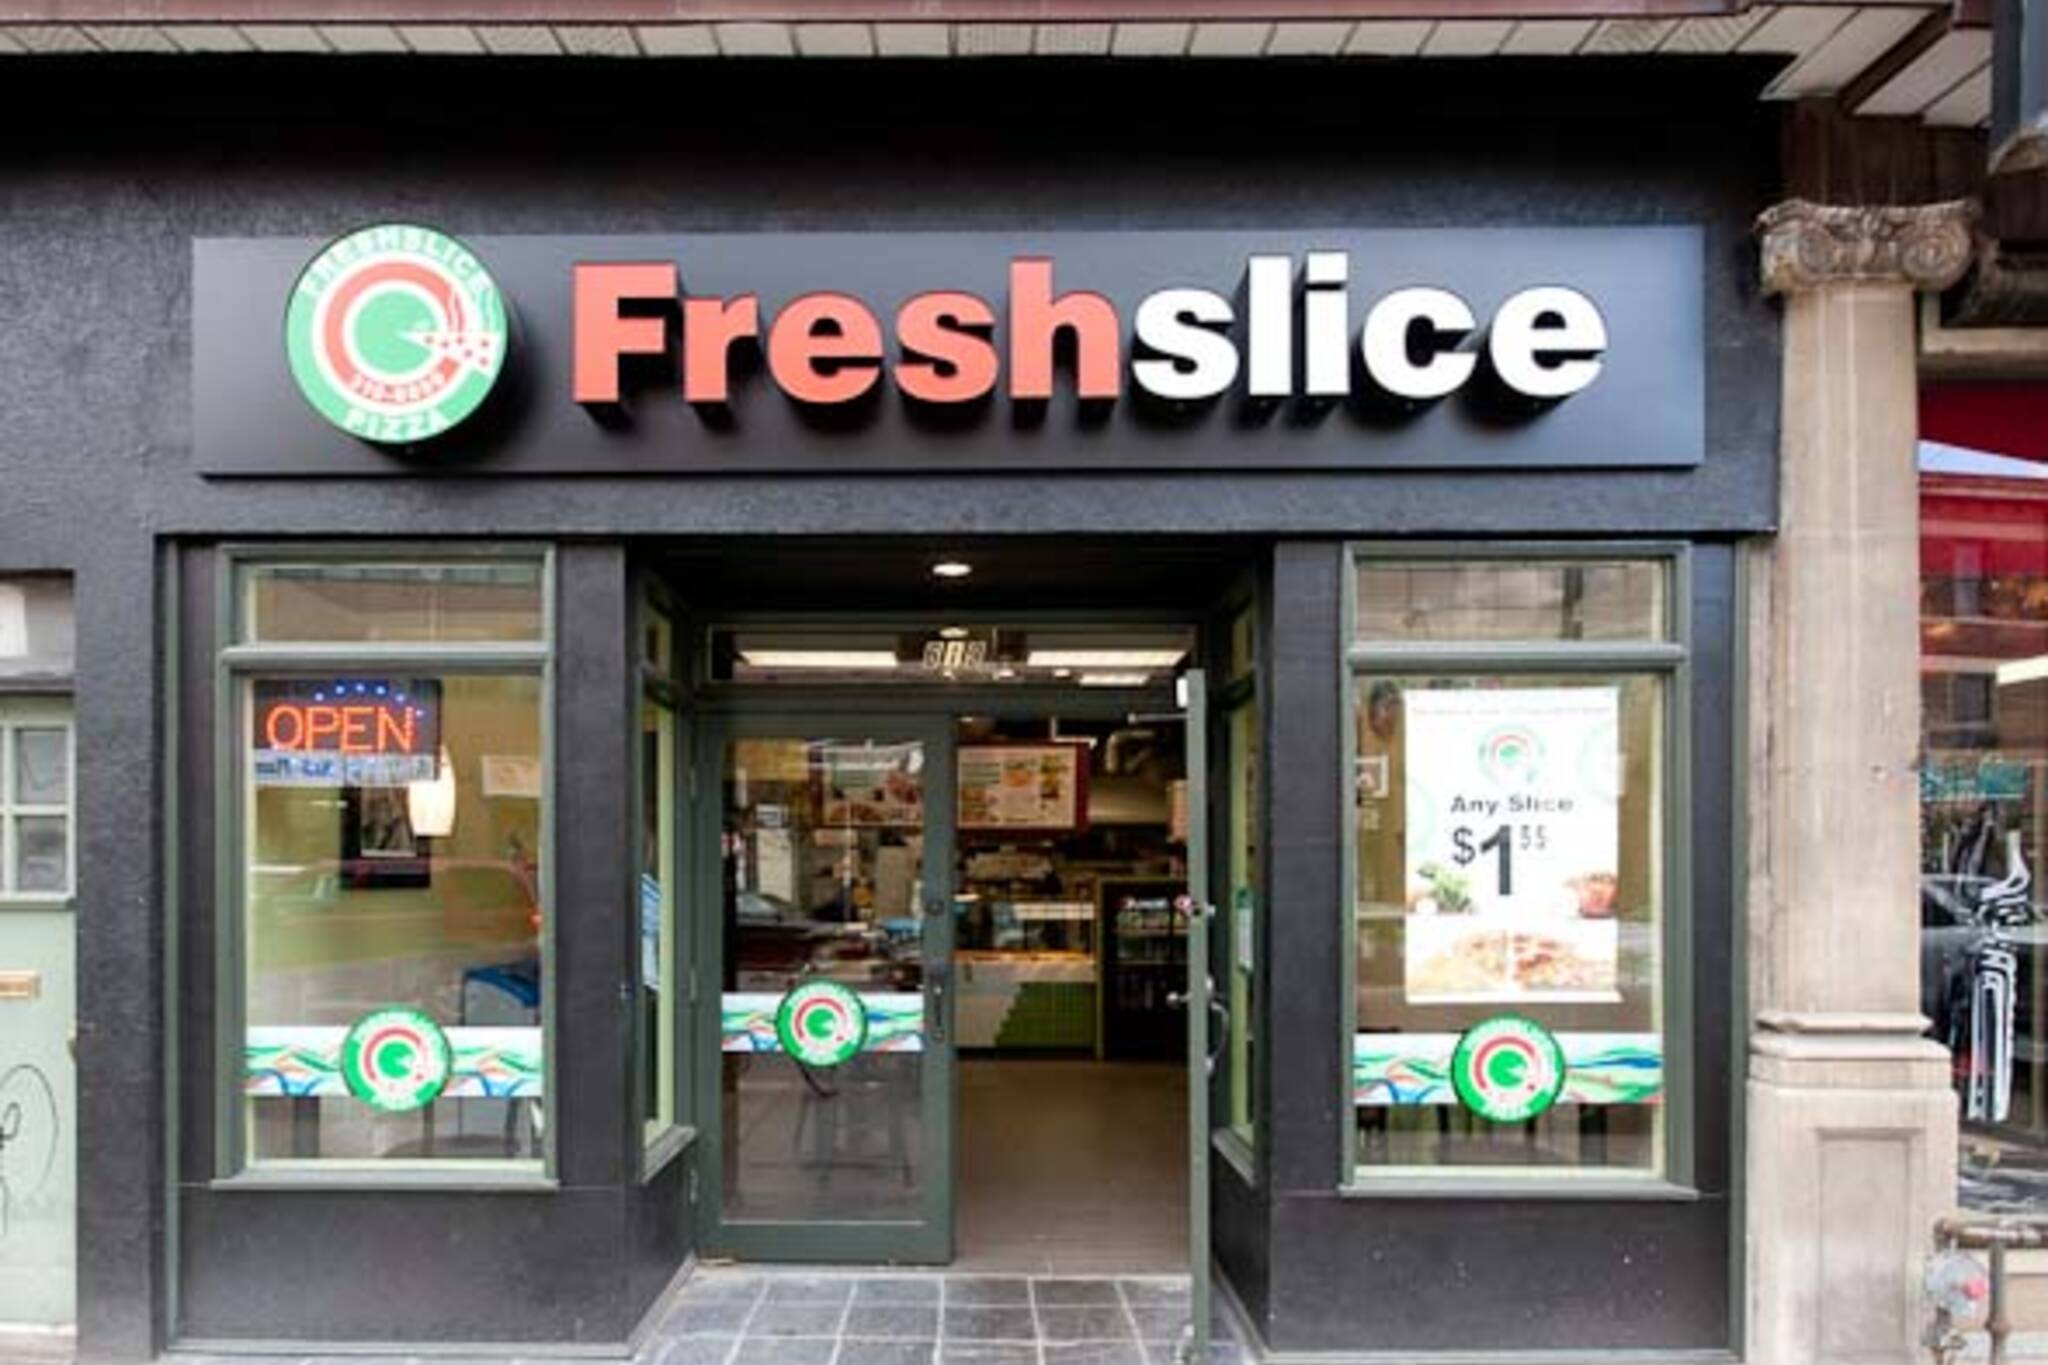 Freshslice Toronto